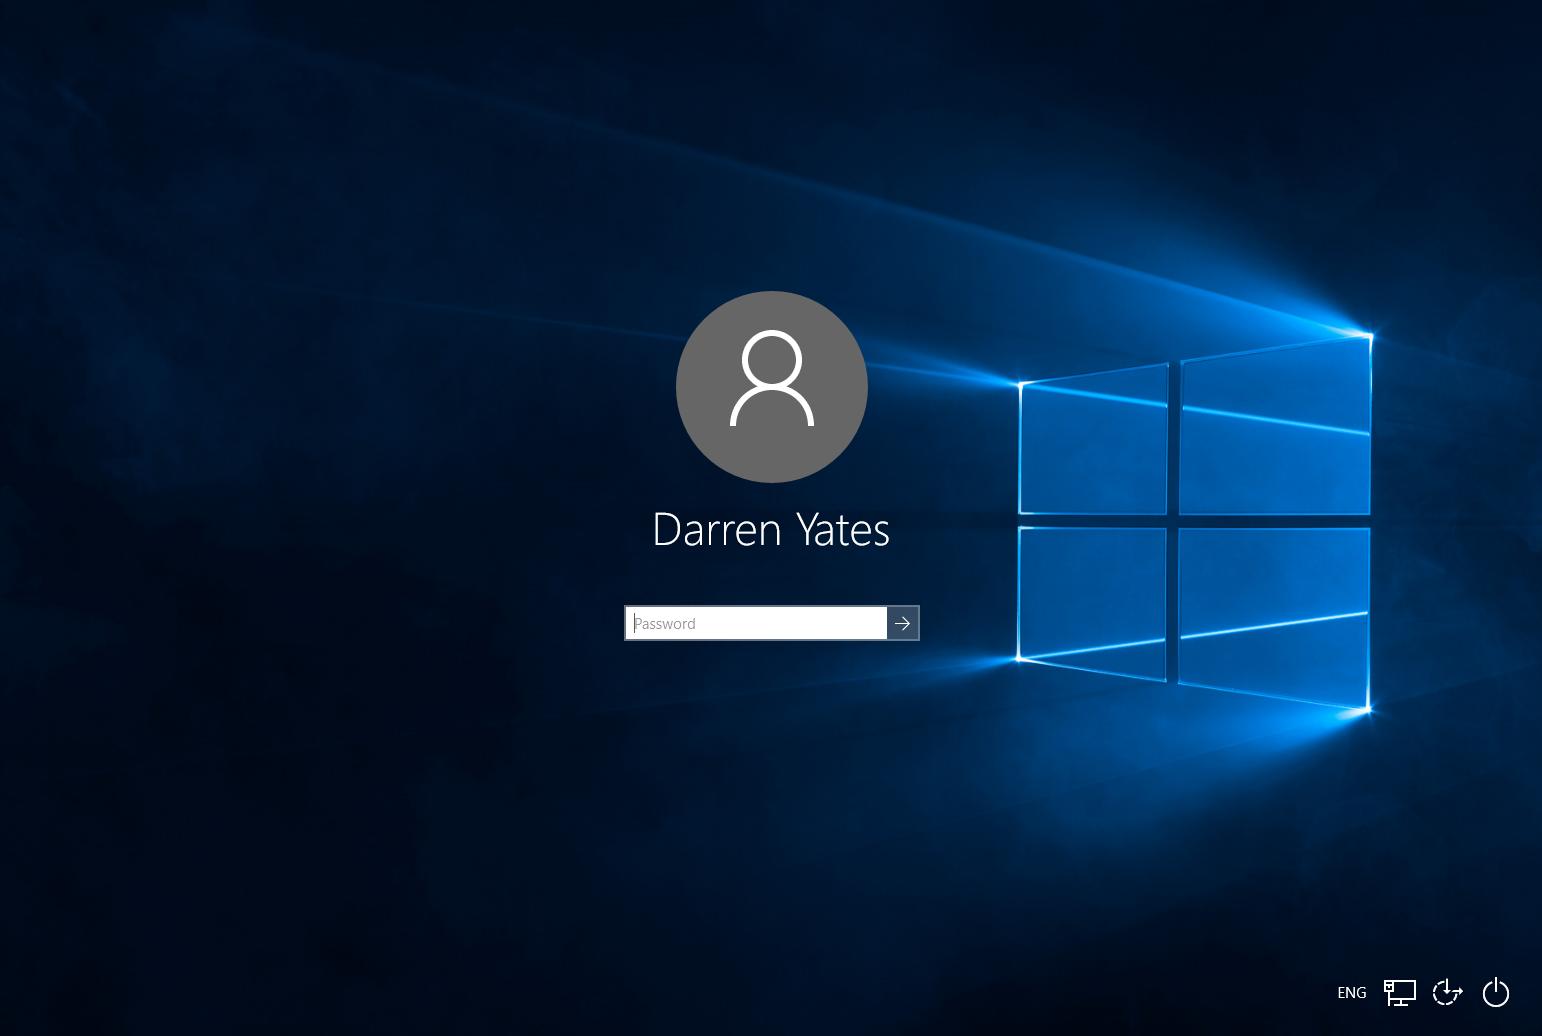 Полный список нововведений в юбилейном обновлении Windows 10 - экран блокировки